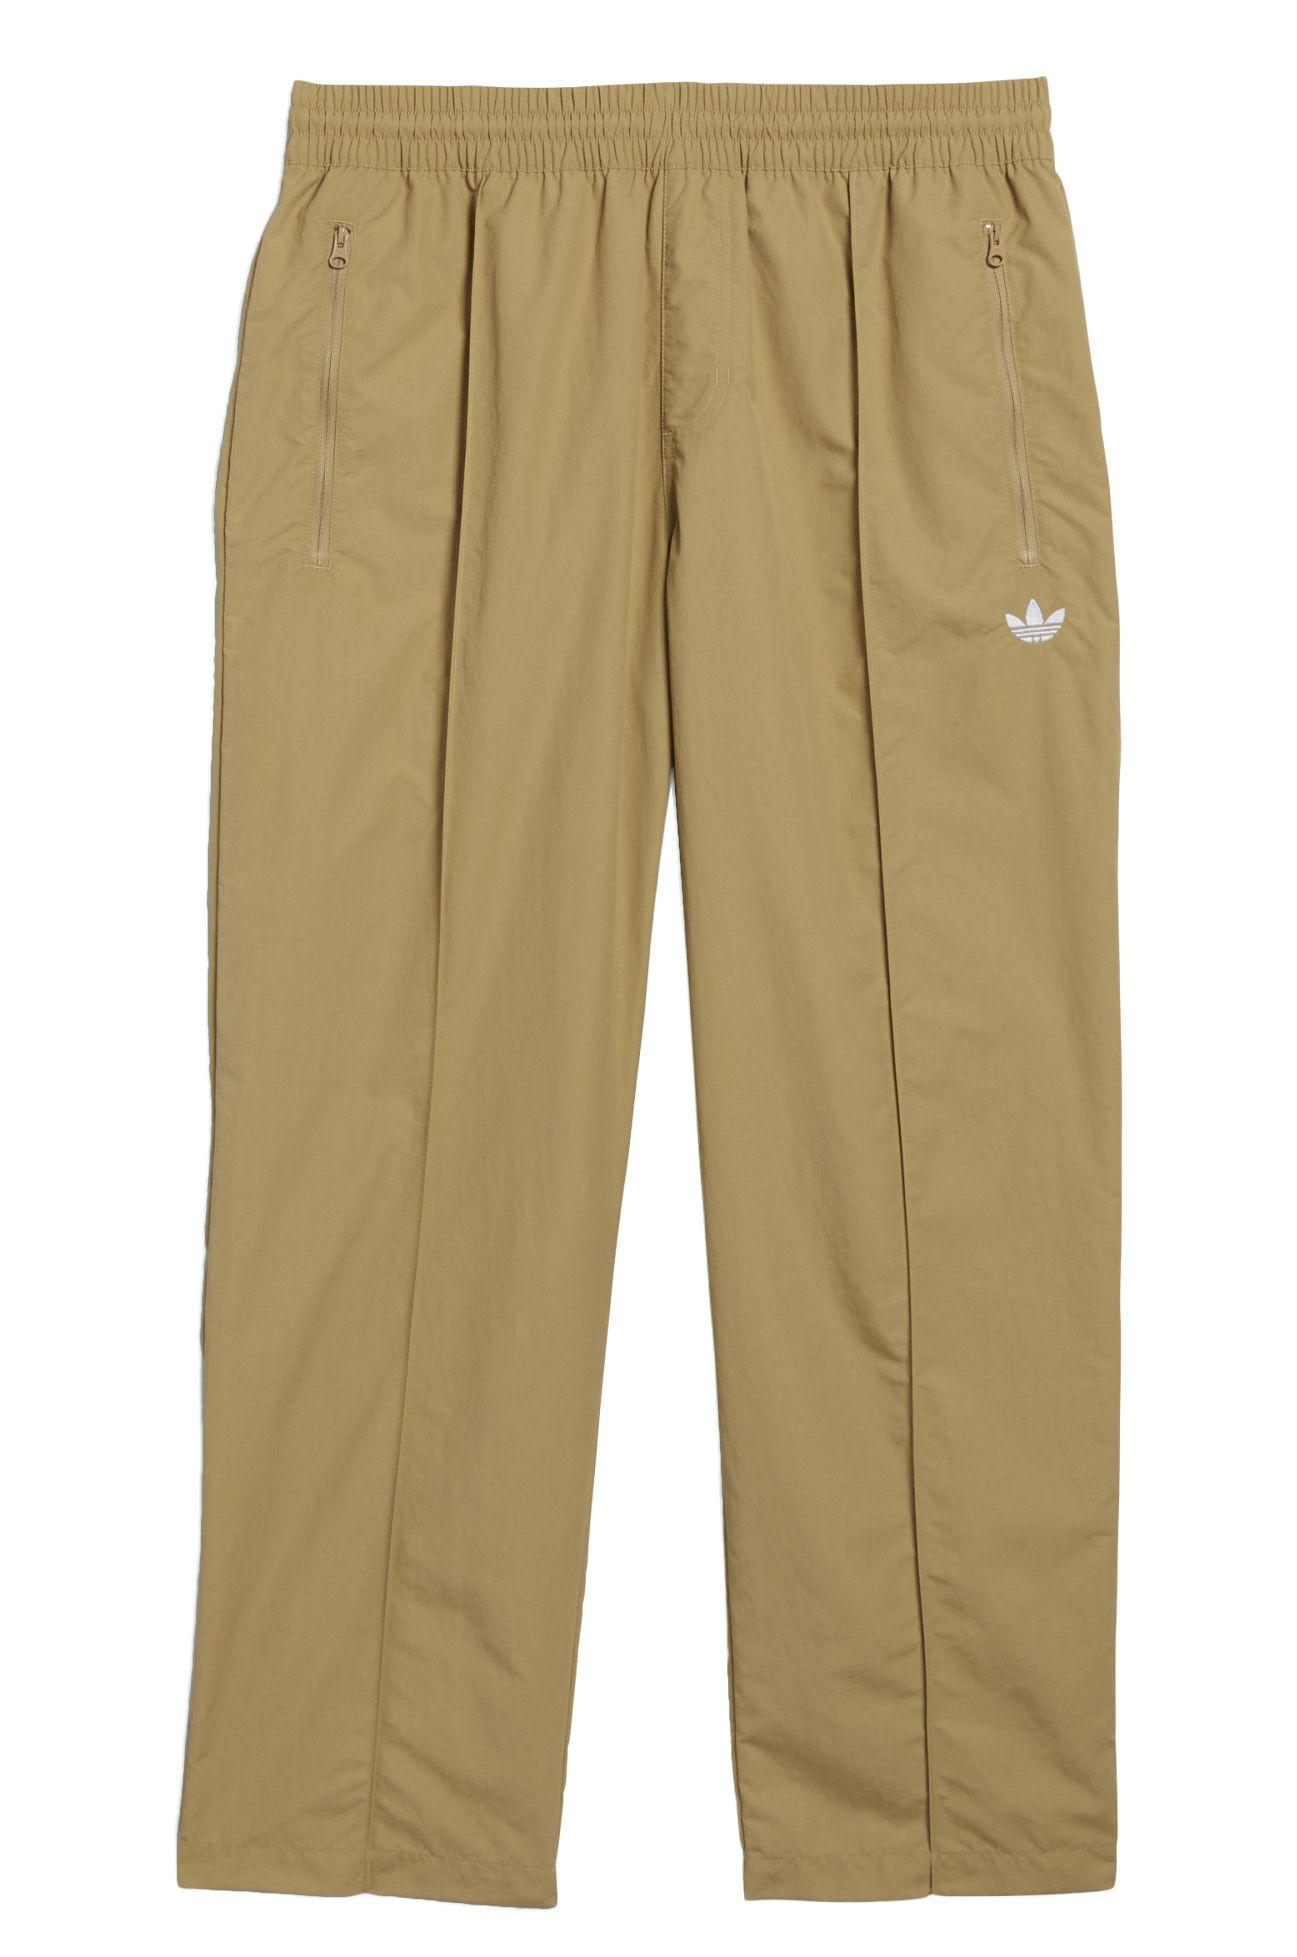 Adidas Pants PINTUCK PANT Beiton